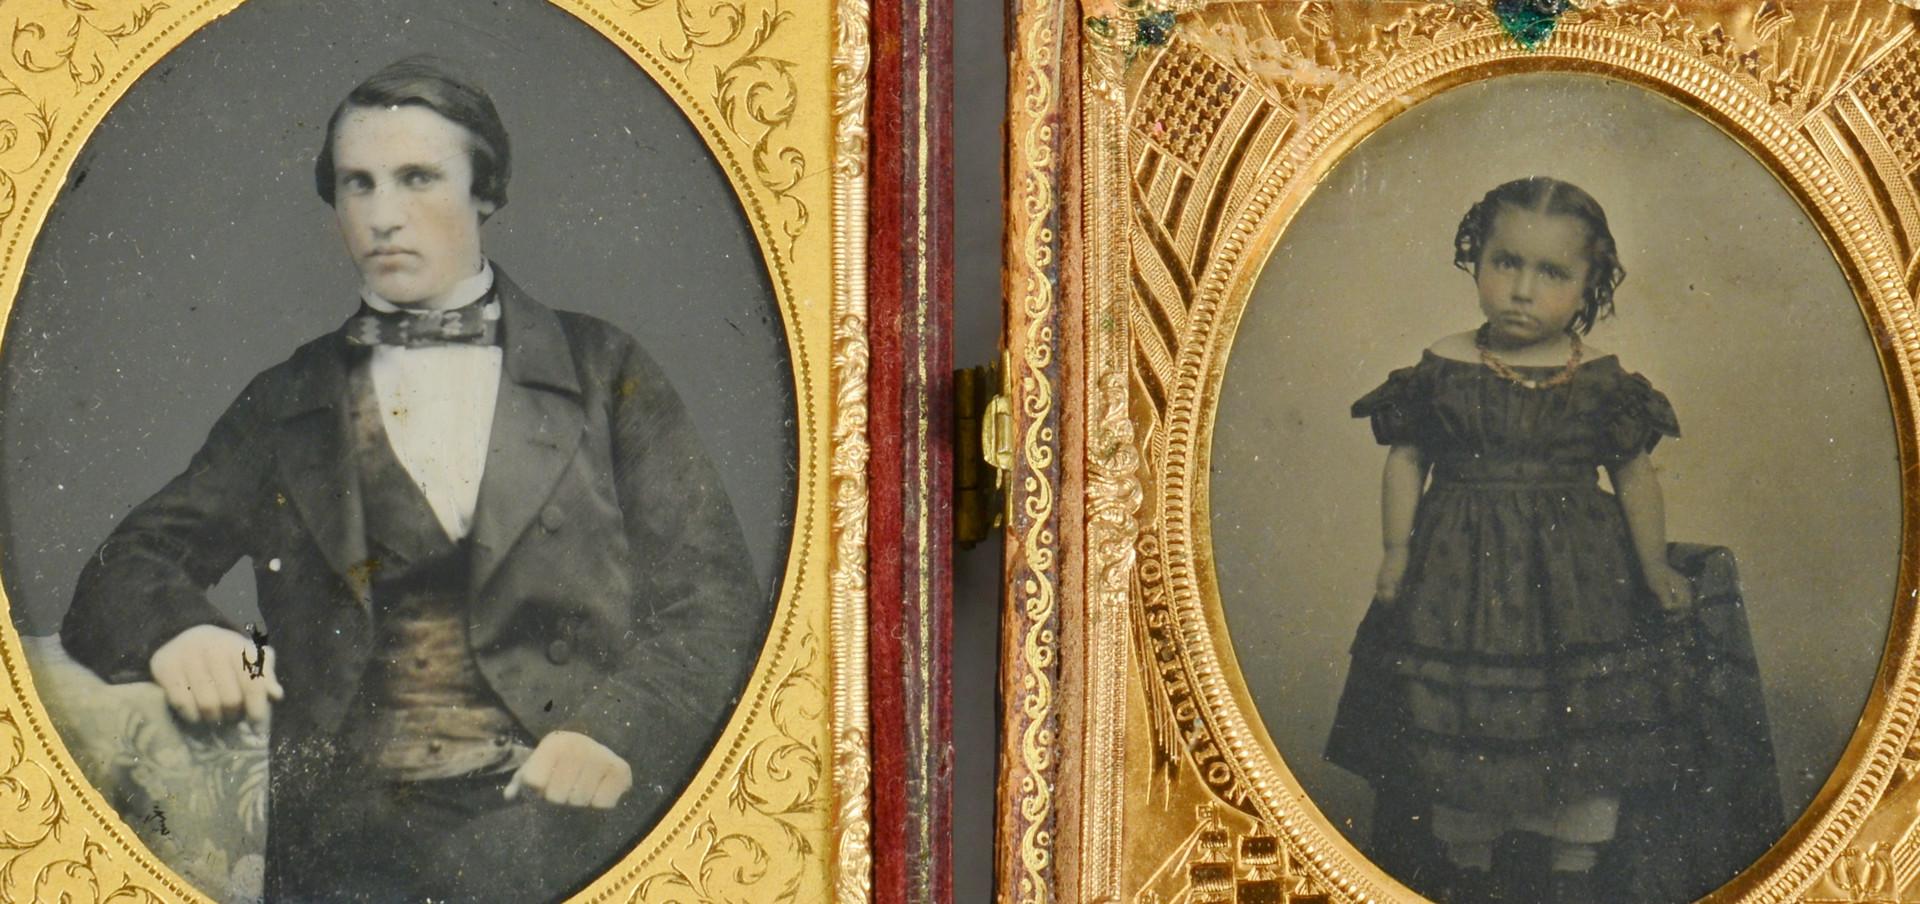 Lot 427: 10 Tintypes, Ambrotypes & Daguerreotypes